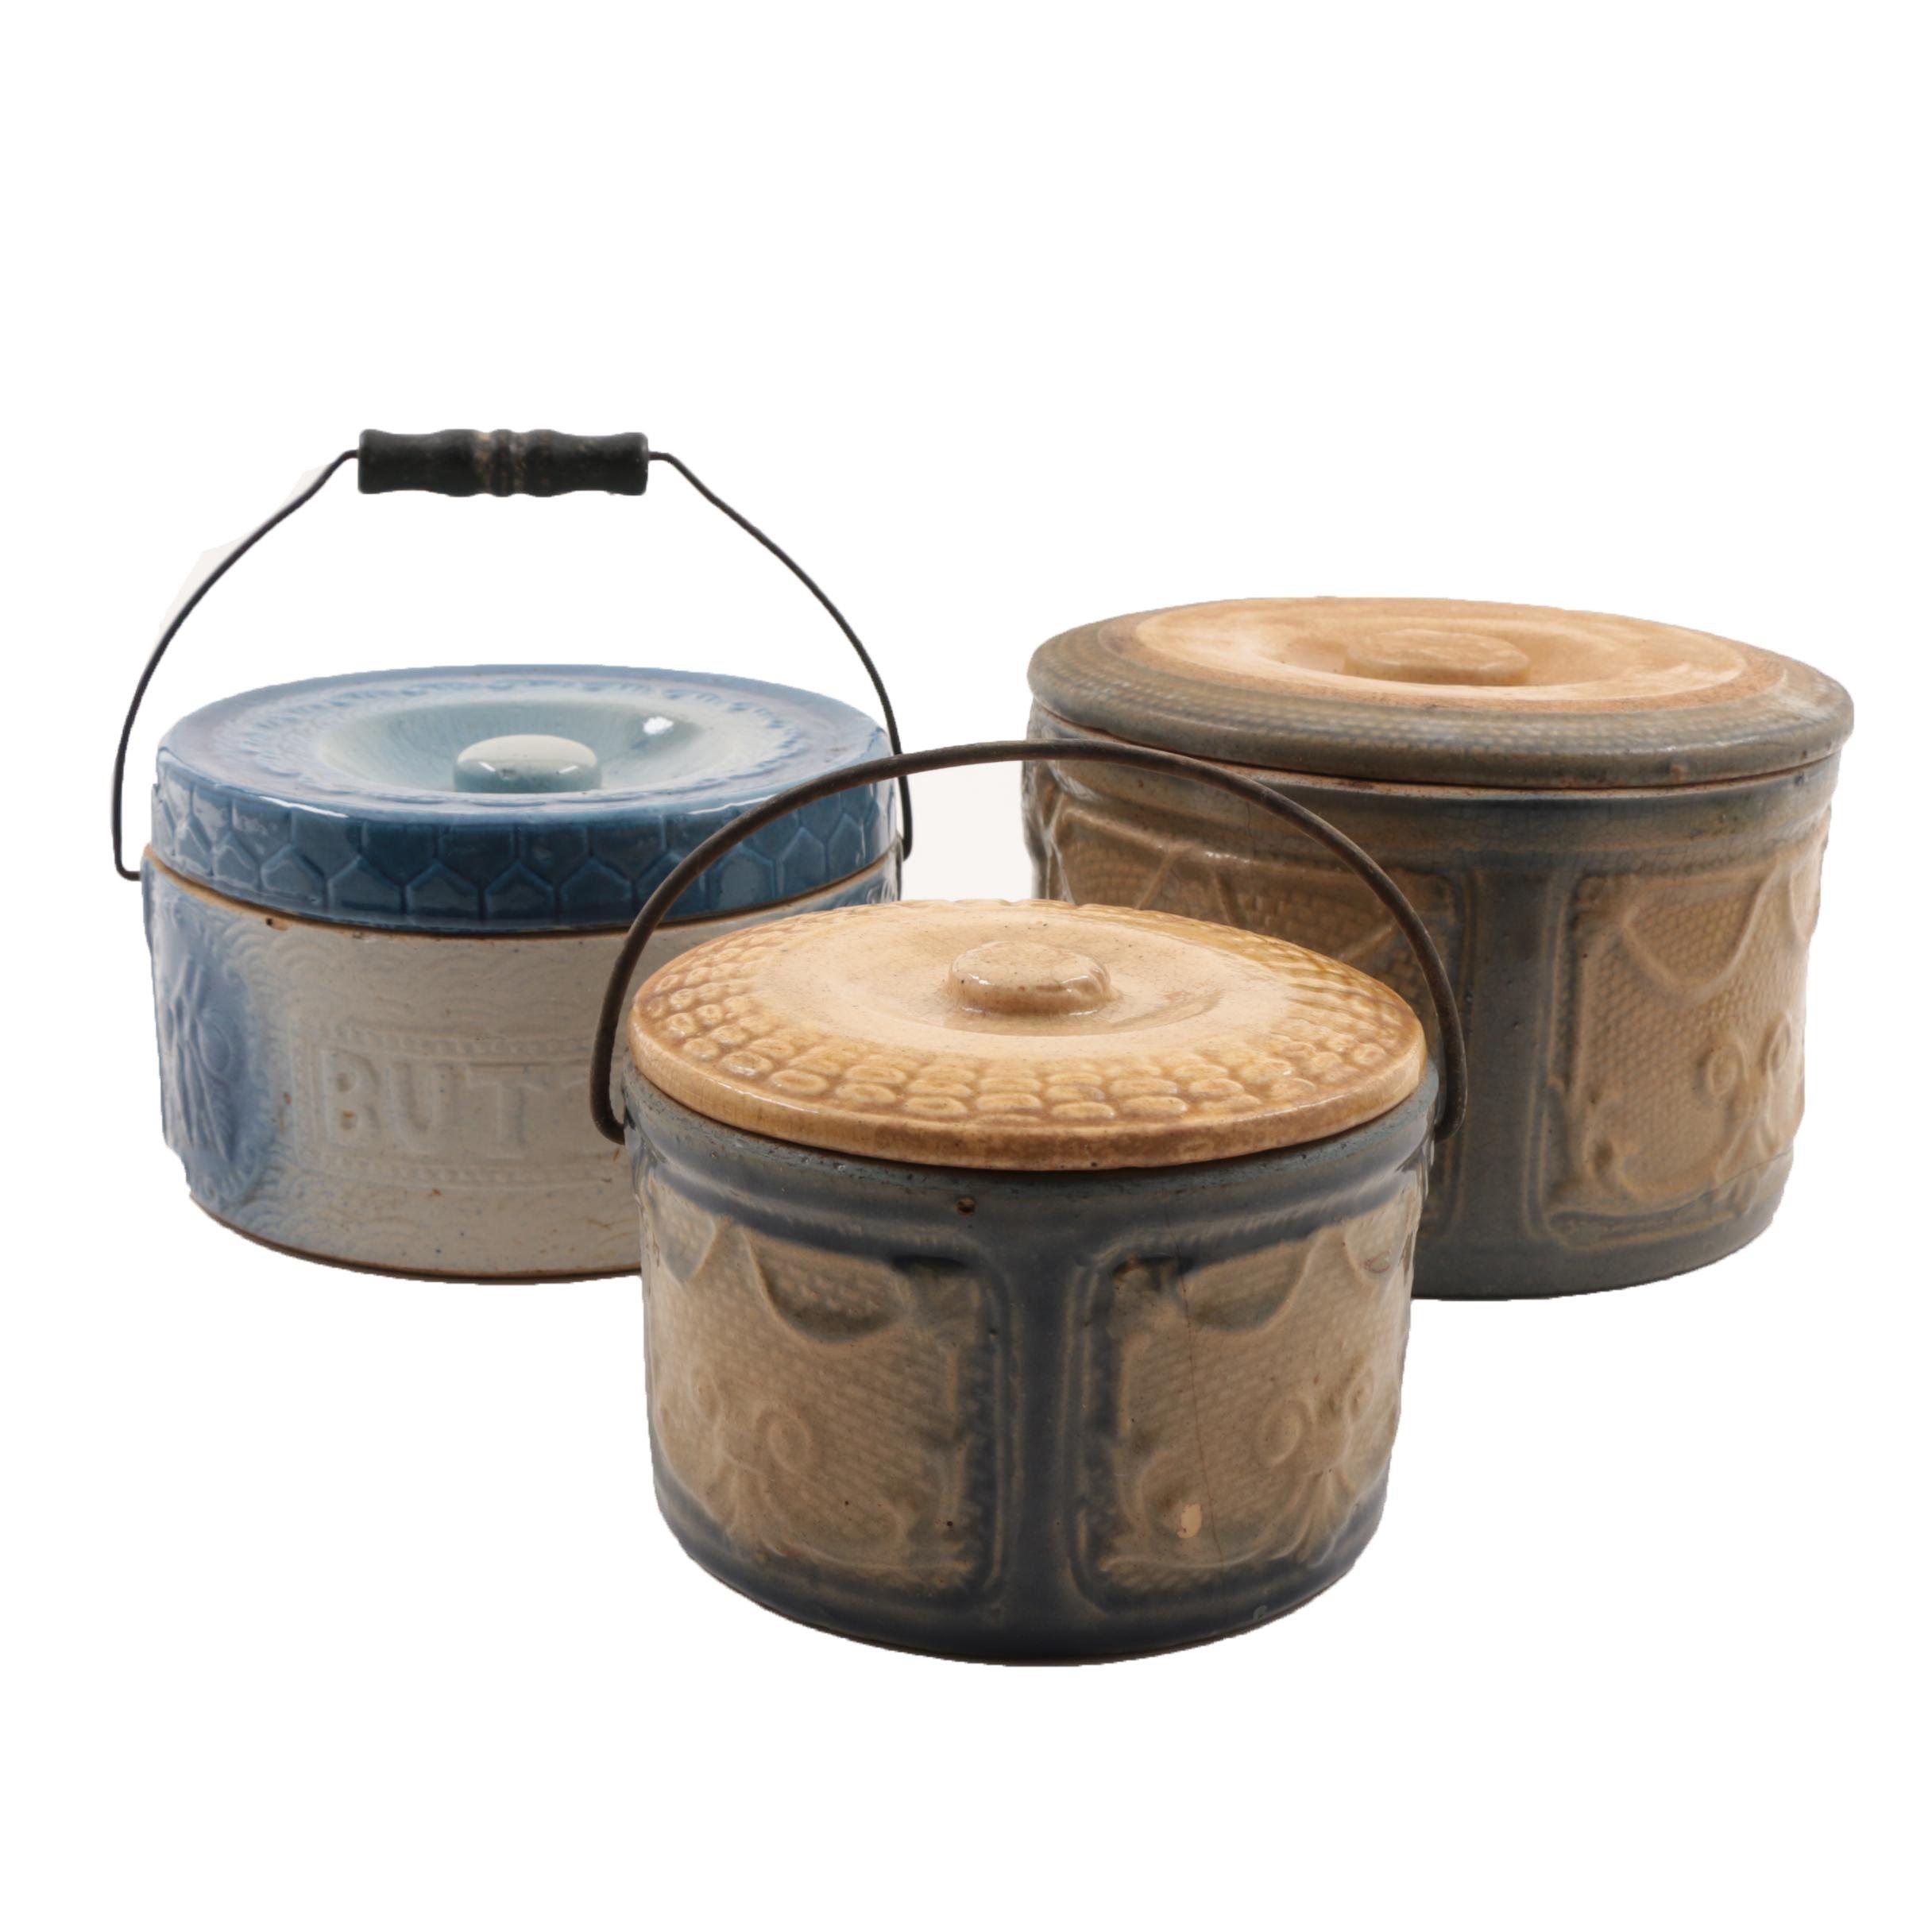 Vintage Stoneware Covered Butter Crocks